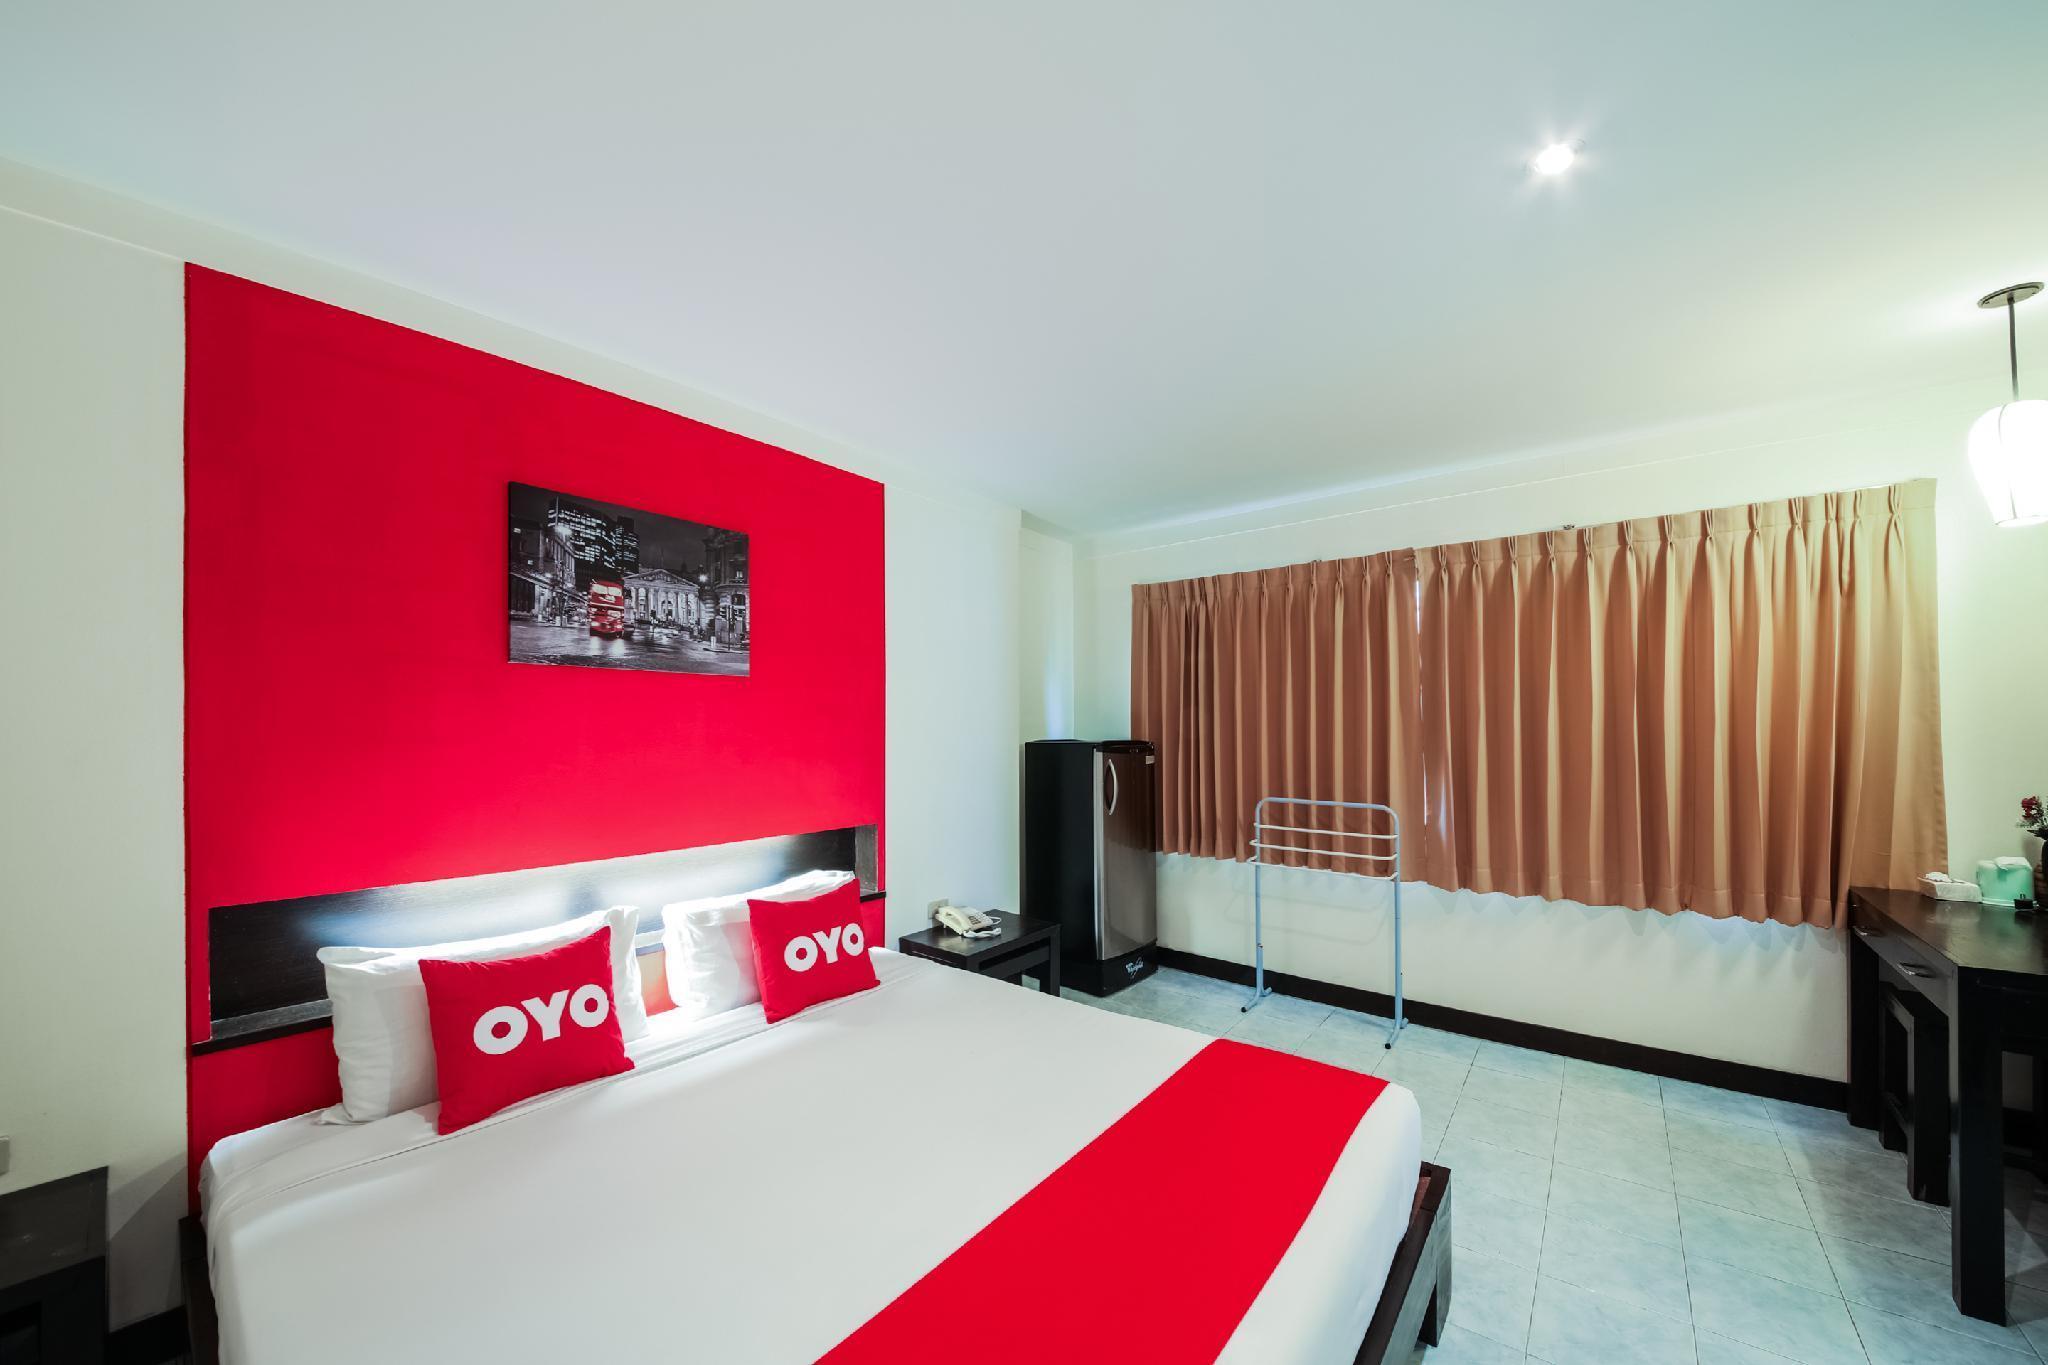 OYO 244 Roar Inn Patong โอโย 244 รอร์ อินน์ ป่าตอง